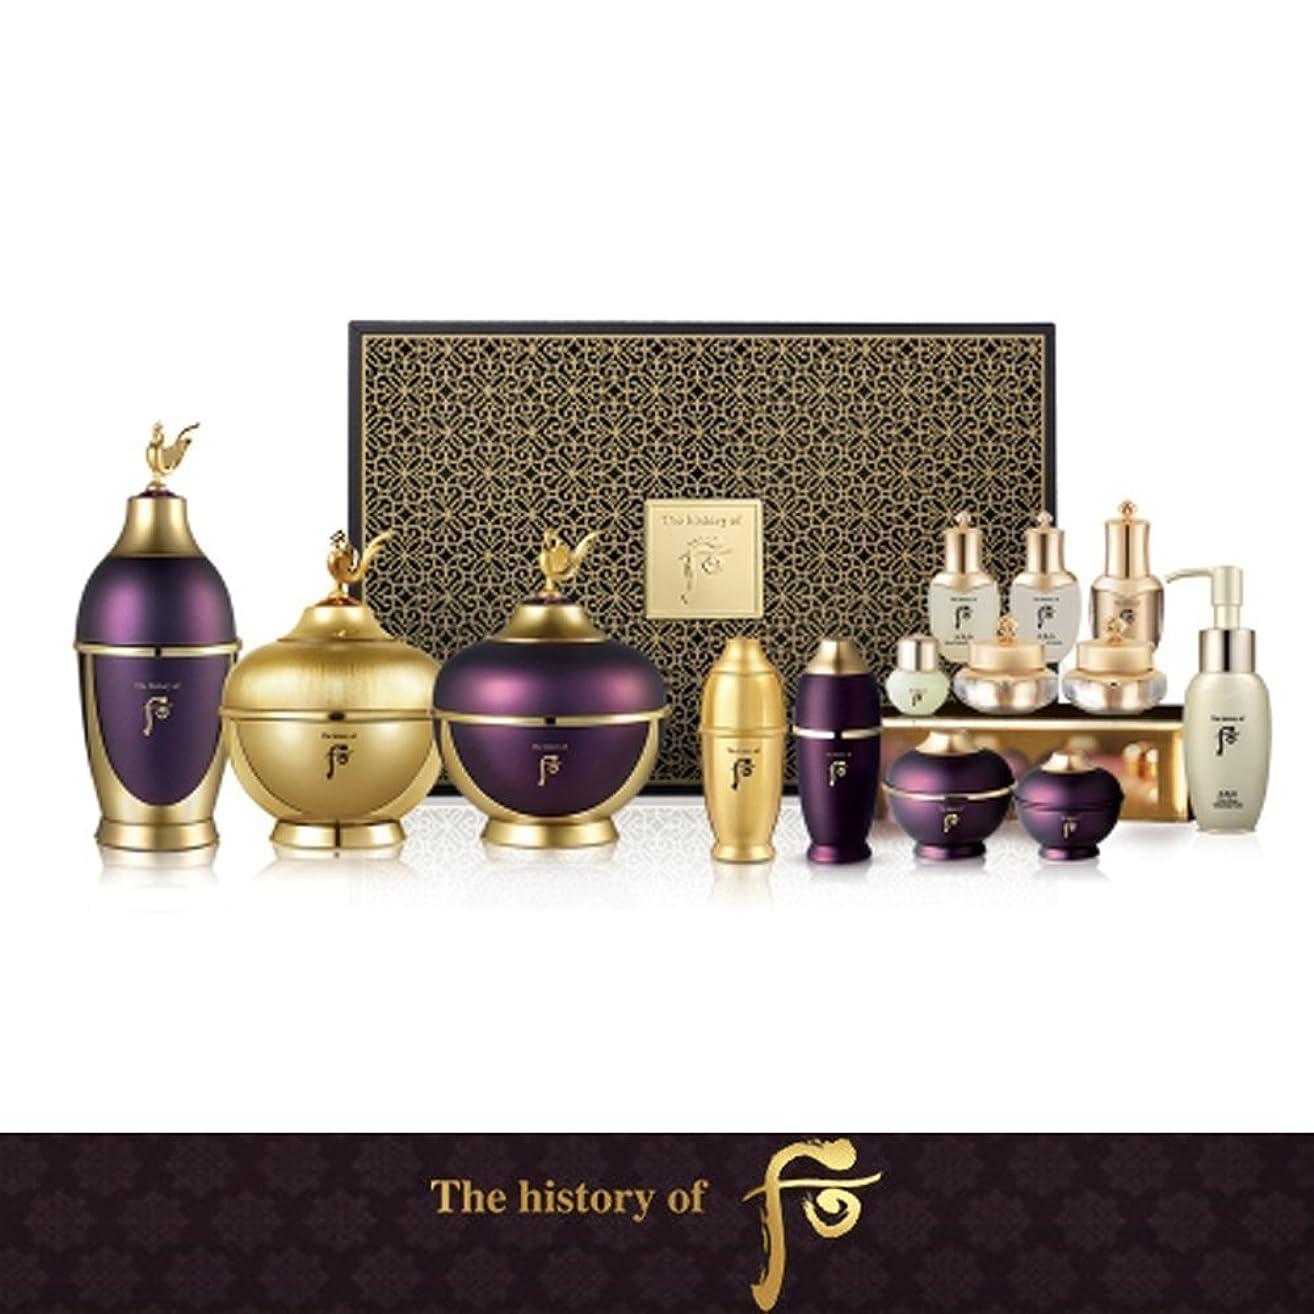 デコラティブ肖像画住居【フー/The history of whoo] Whoo后 Hwanyu Full Special Set/后(フー)后還幼(ファンユ)フルセット+[Sample Gift](海外直送品)